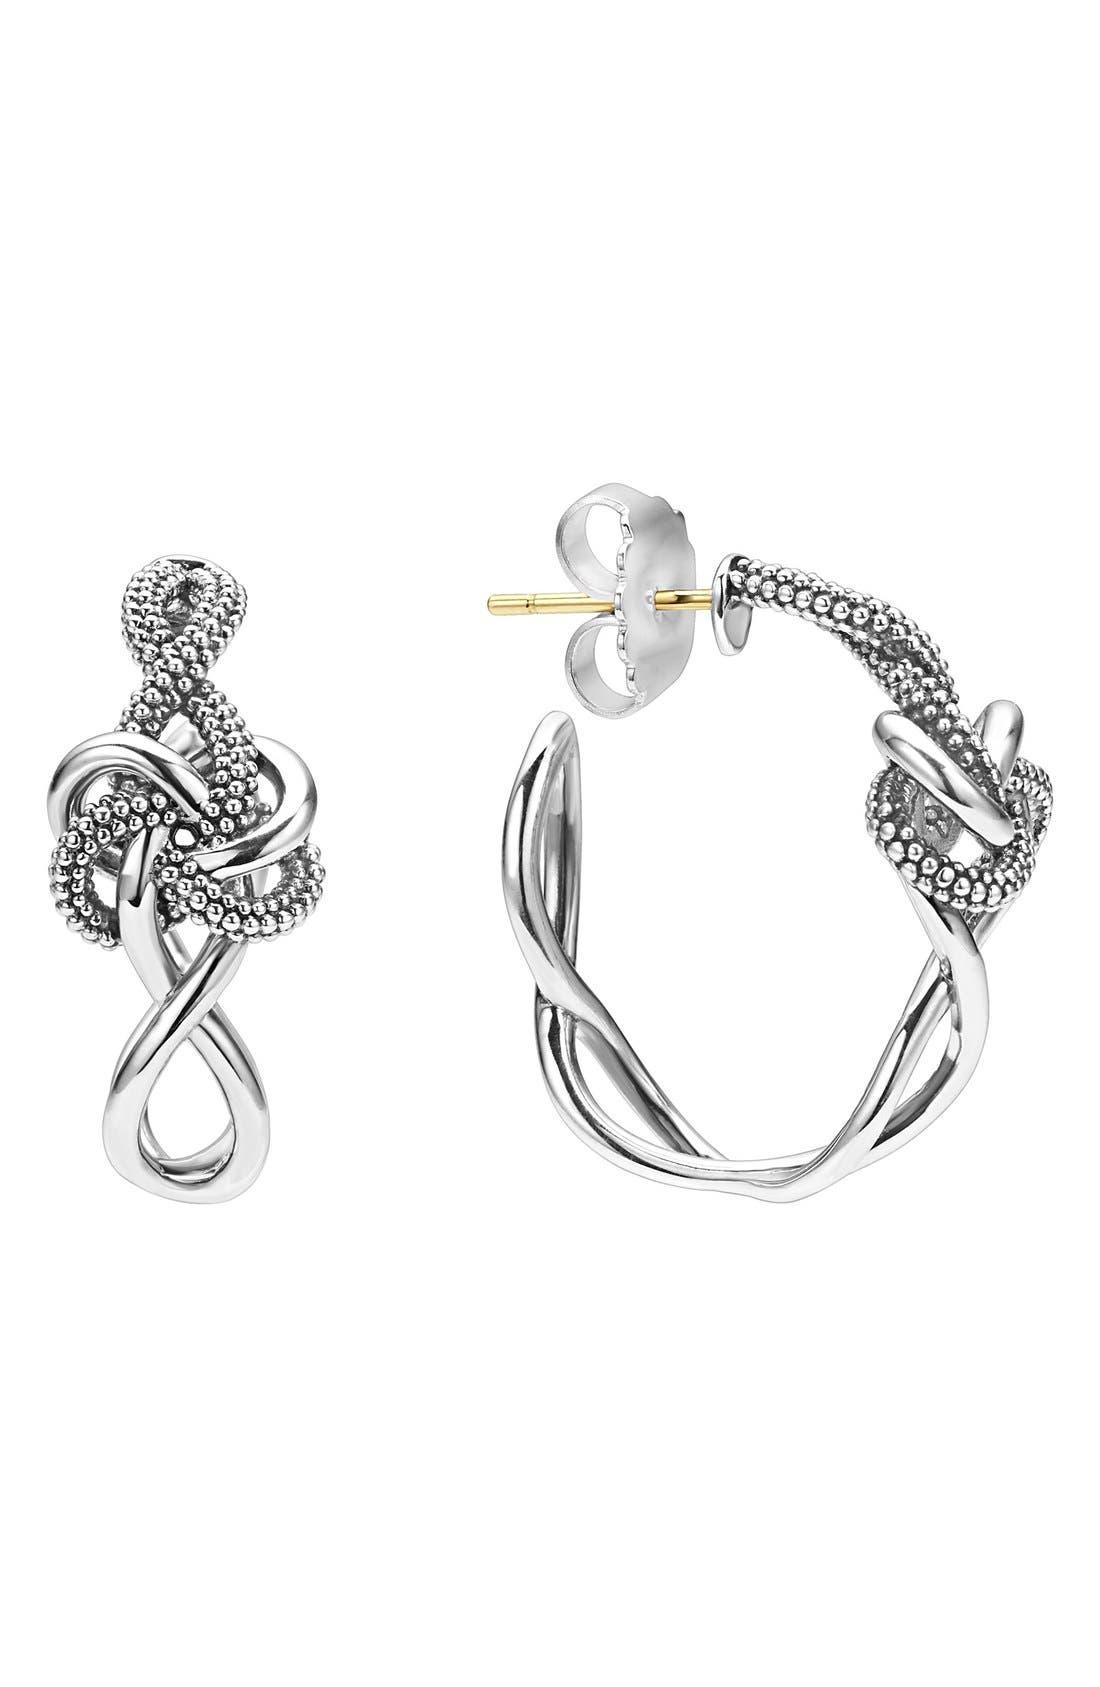 Main Image - LAGOS 'Love Knot' Hoop Earrings